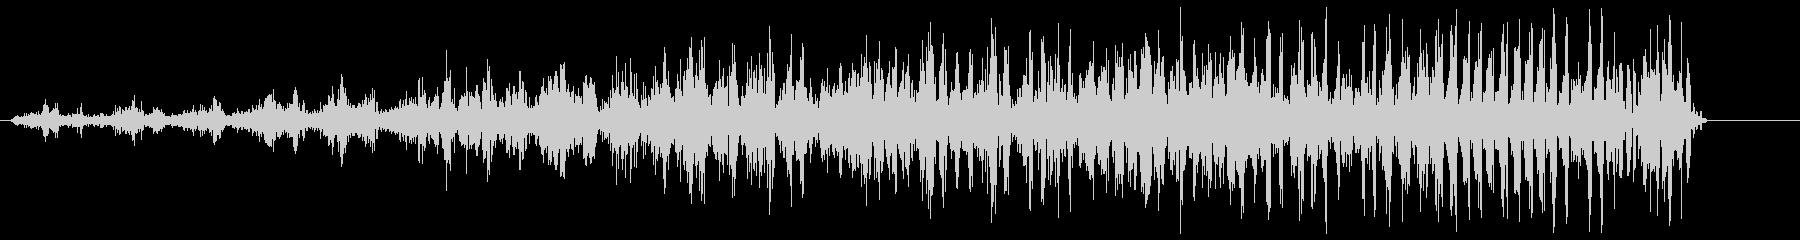 シャララ系アップ(速くなる)の未再生の波形